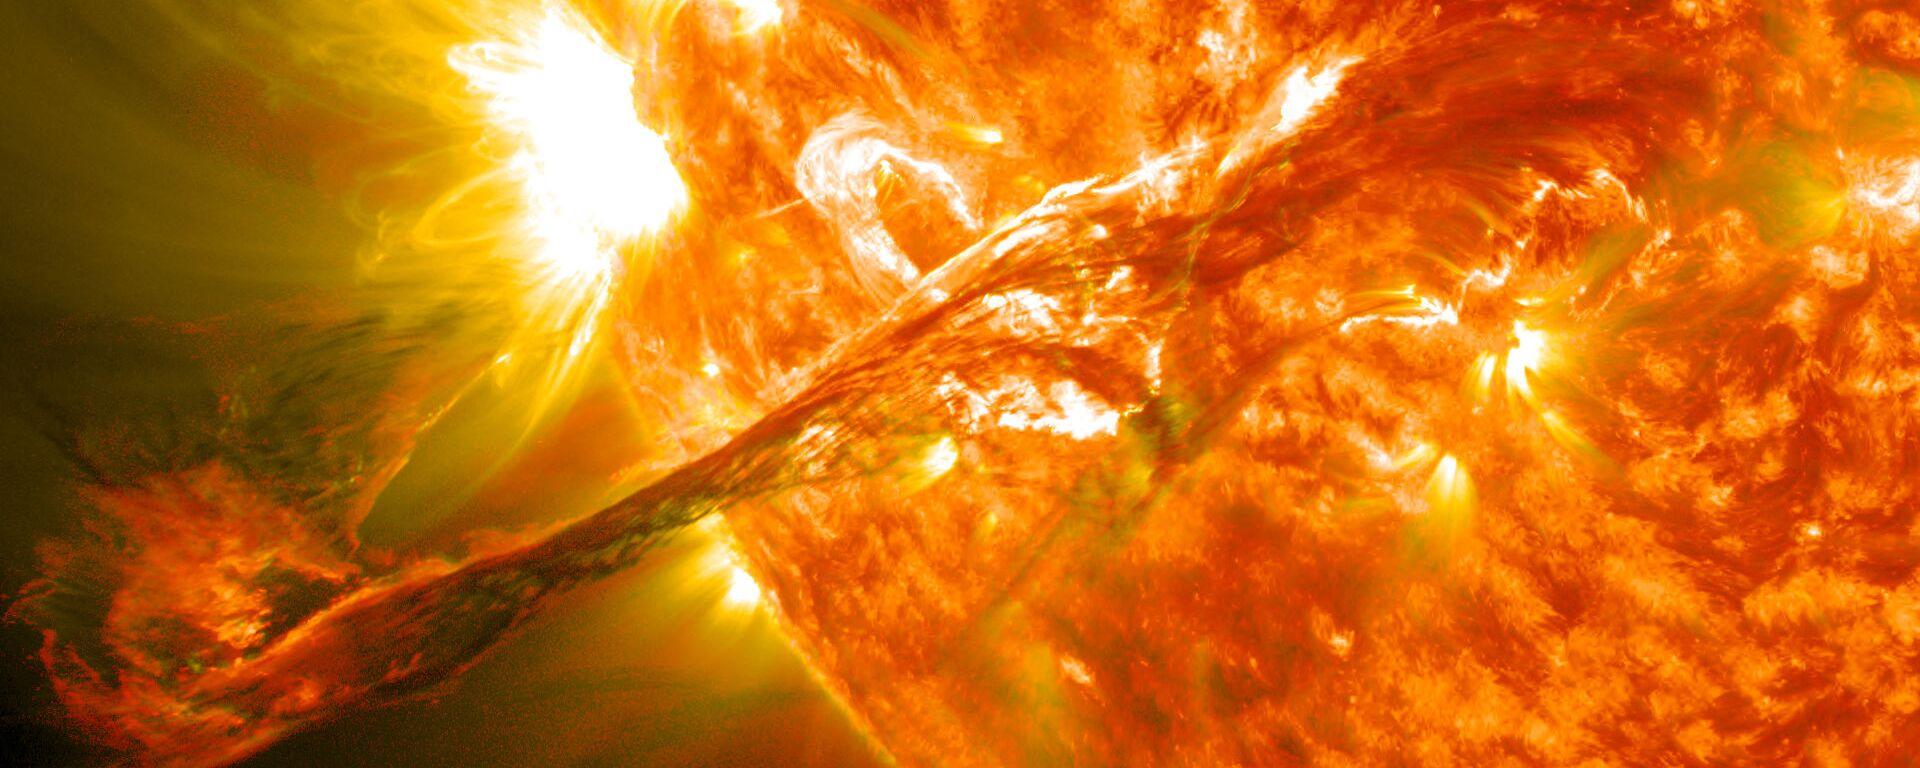 Eyección de masa coronal en el Sol (imagen referencial) - Sputnik Mundo, 1920, 18.05.2021